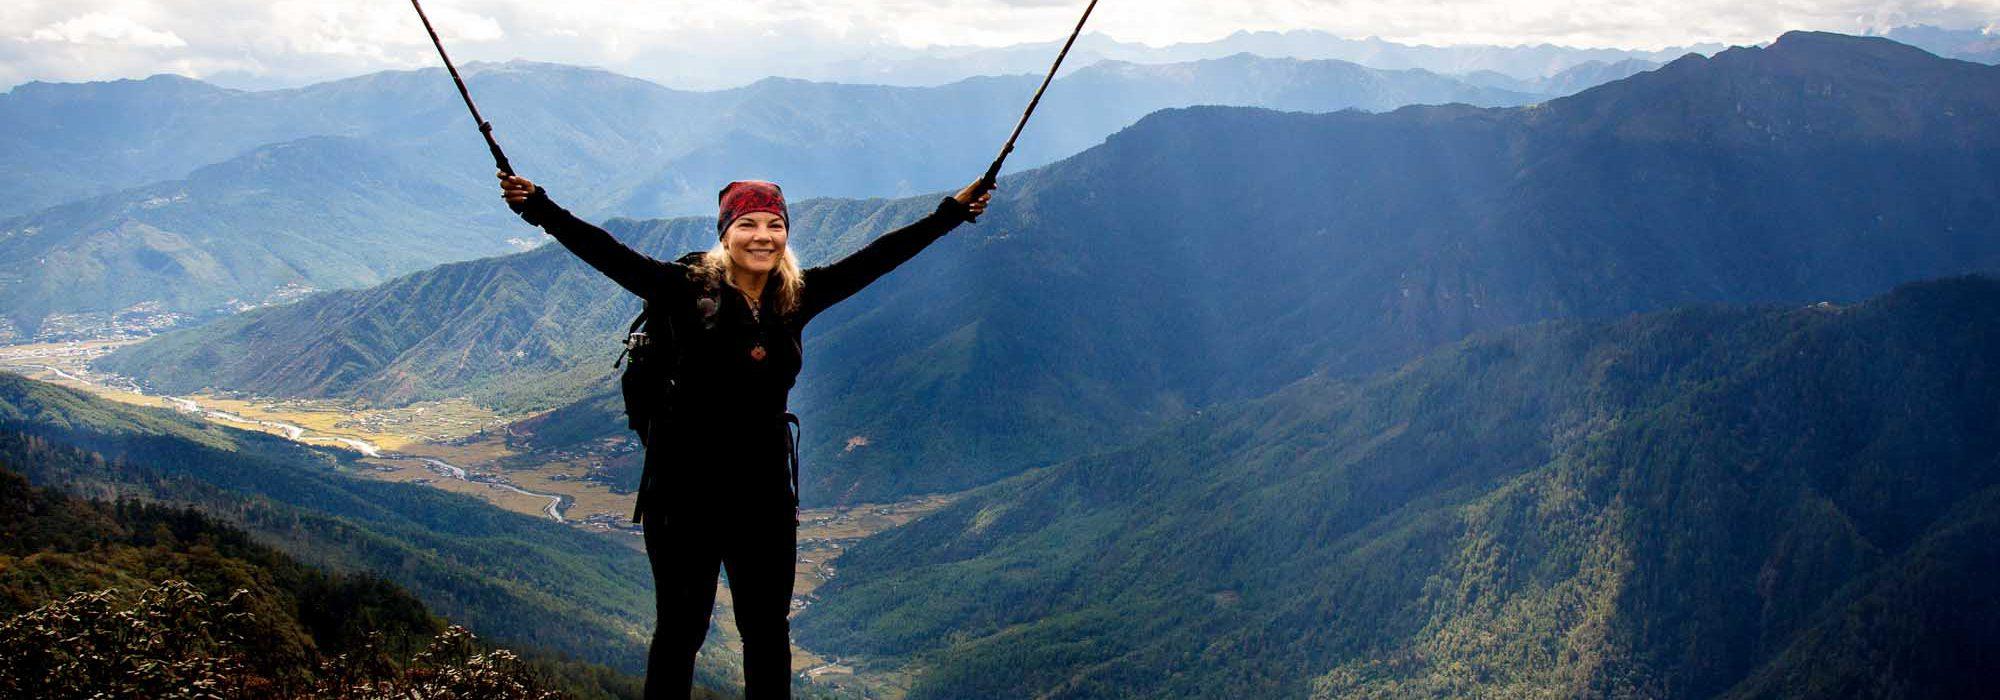 BHUTAN JOURNEY OF ODYSSEY – 12 Days